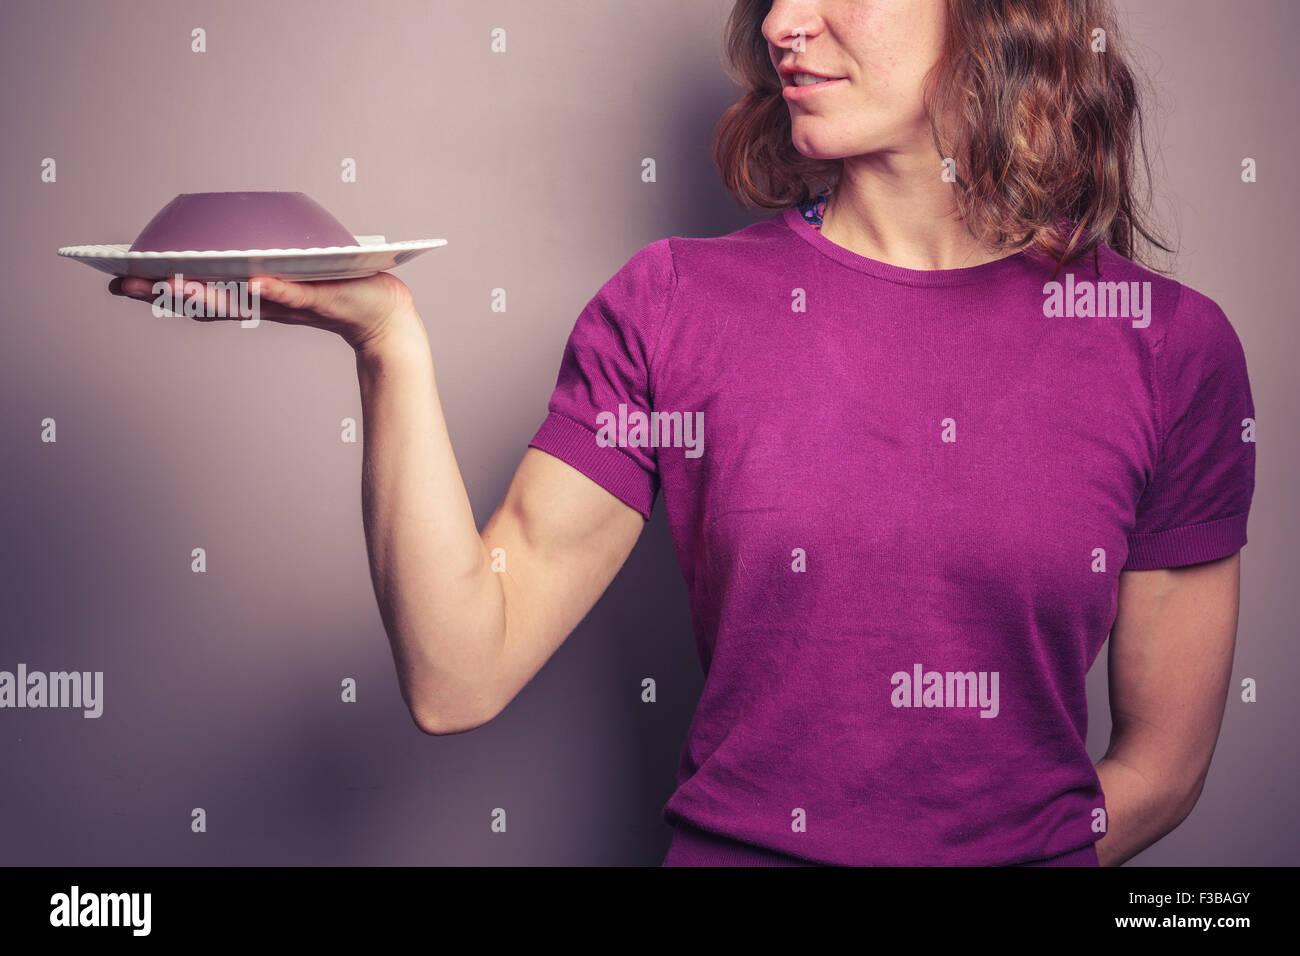 Una joven en un comienzo púrpura está presentando un plato de jelly Imagen De Stock